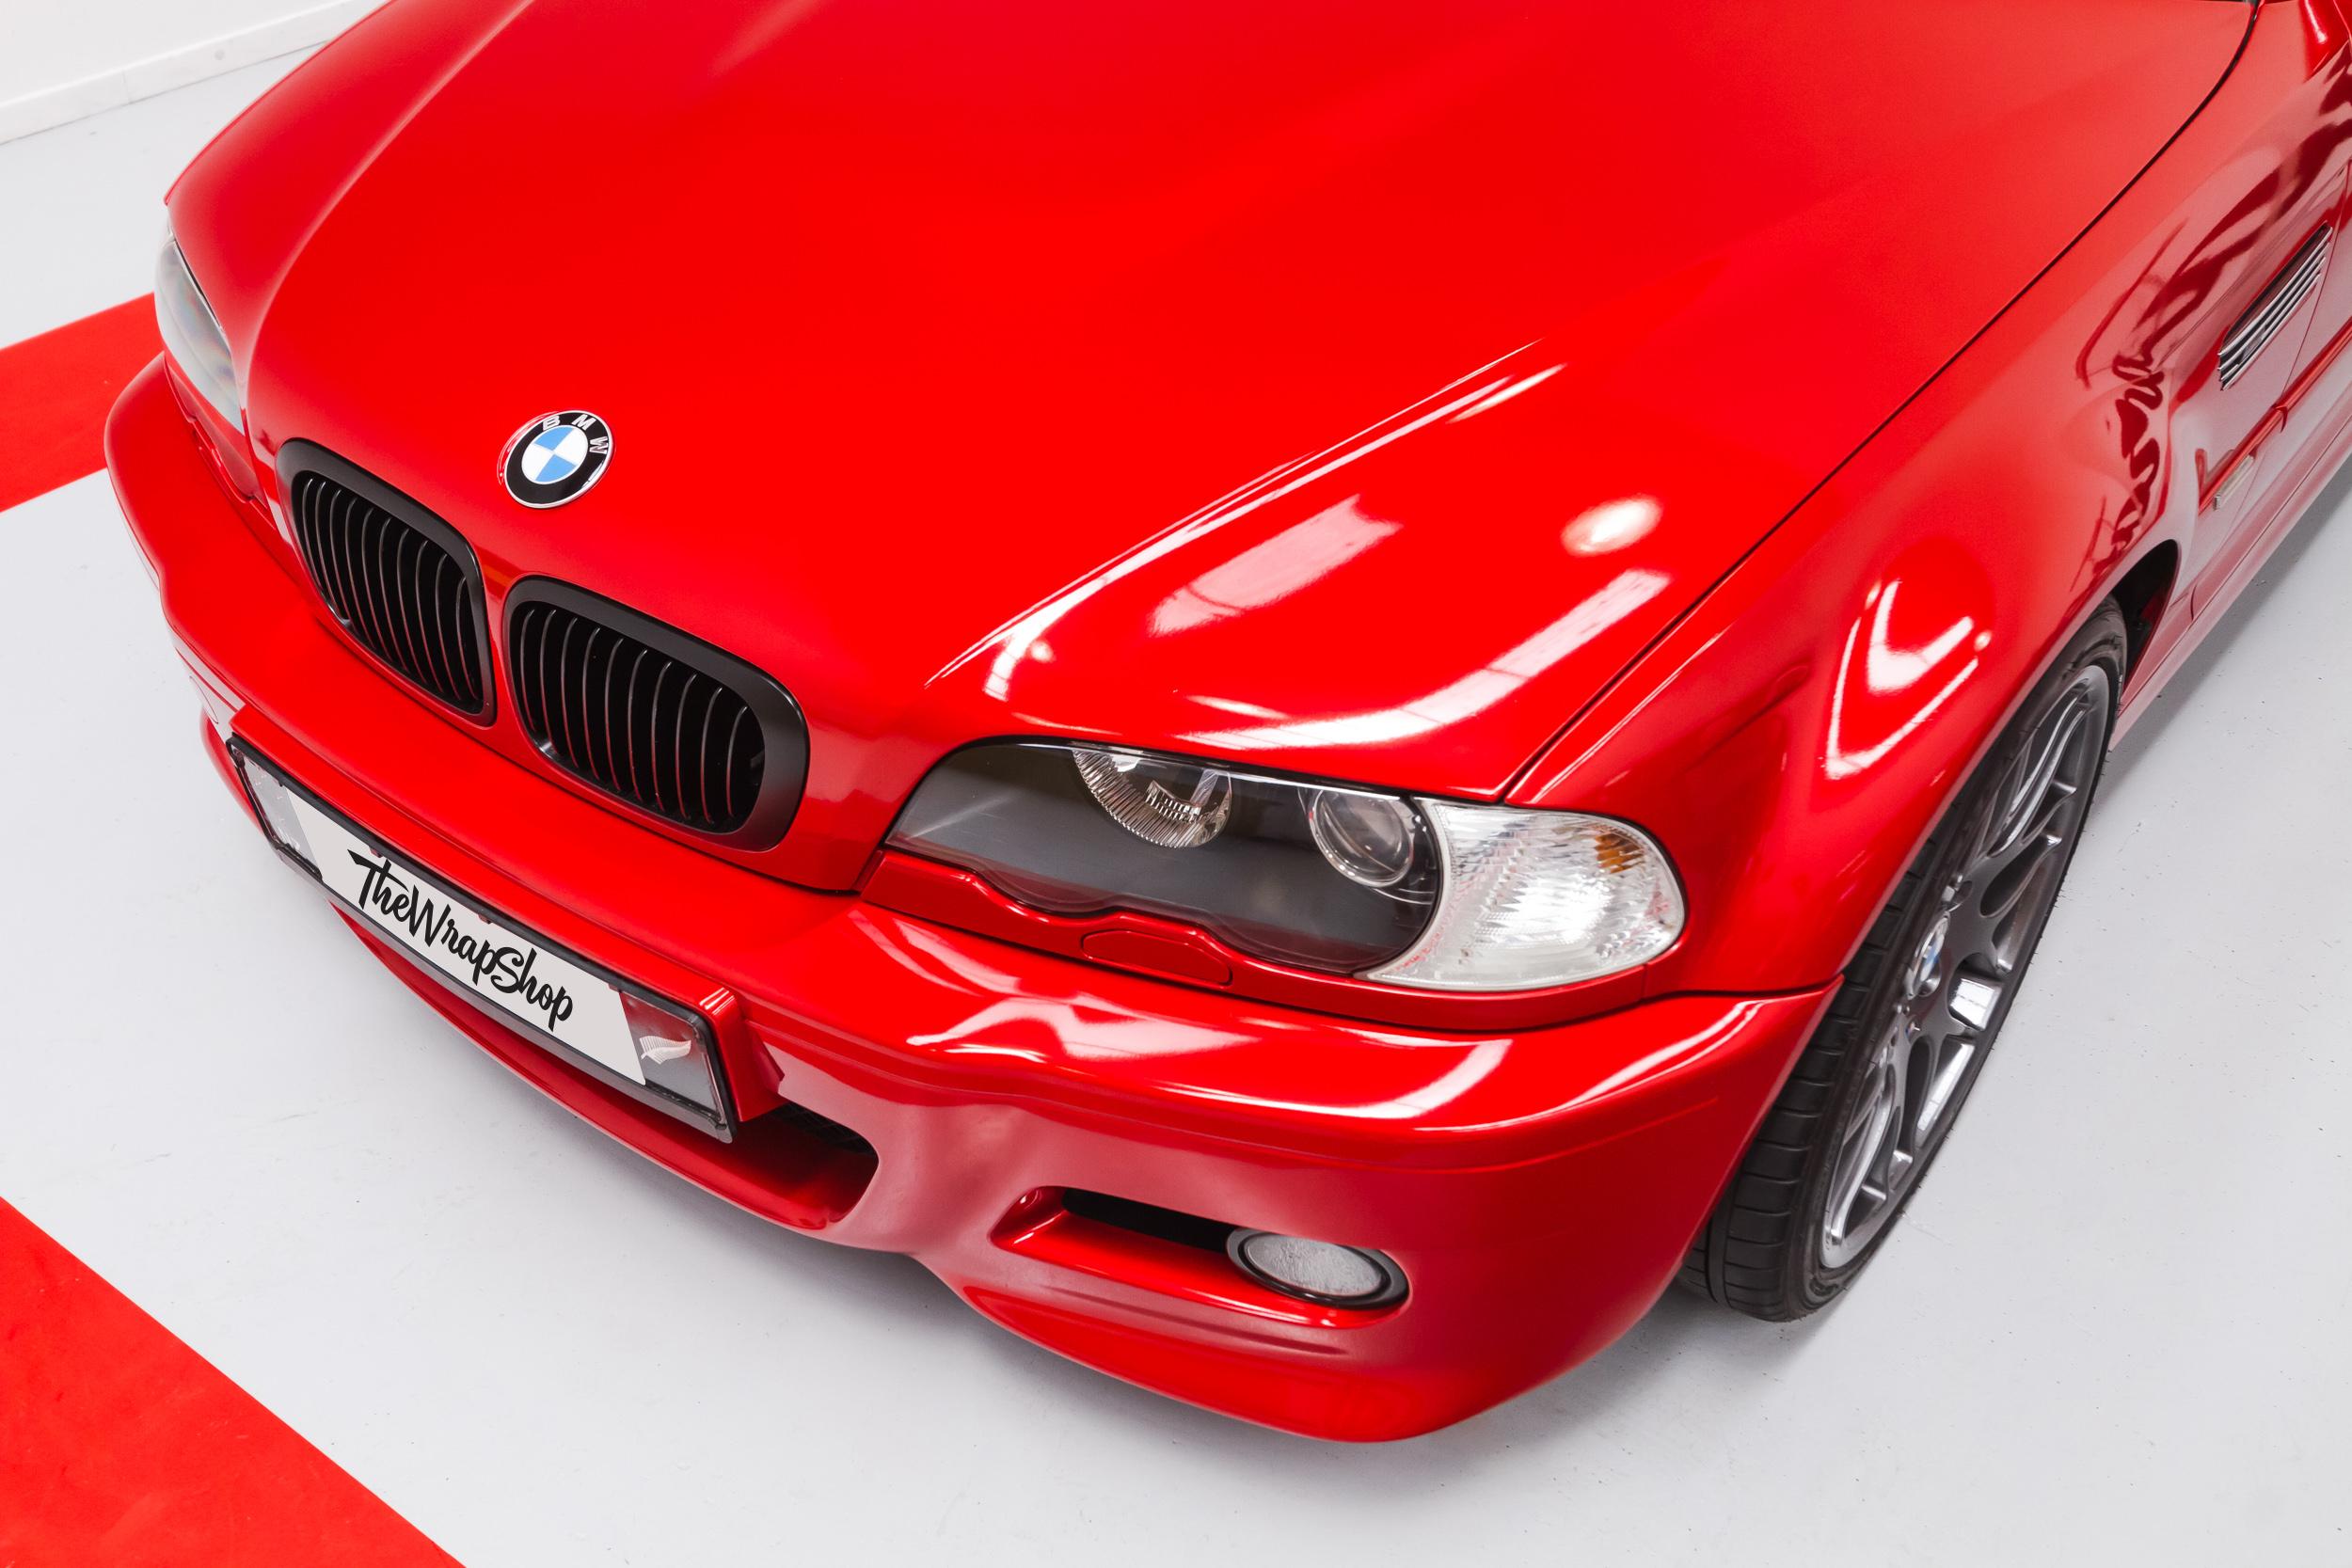 E46 BMW M3 front bumper